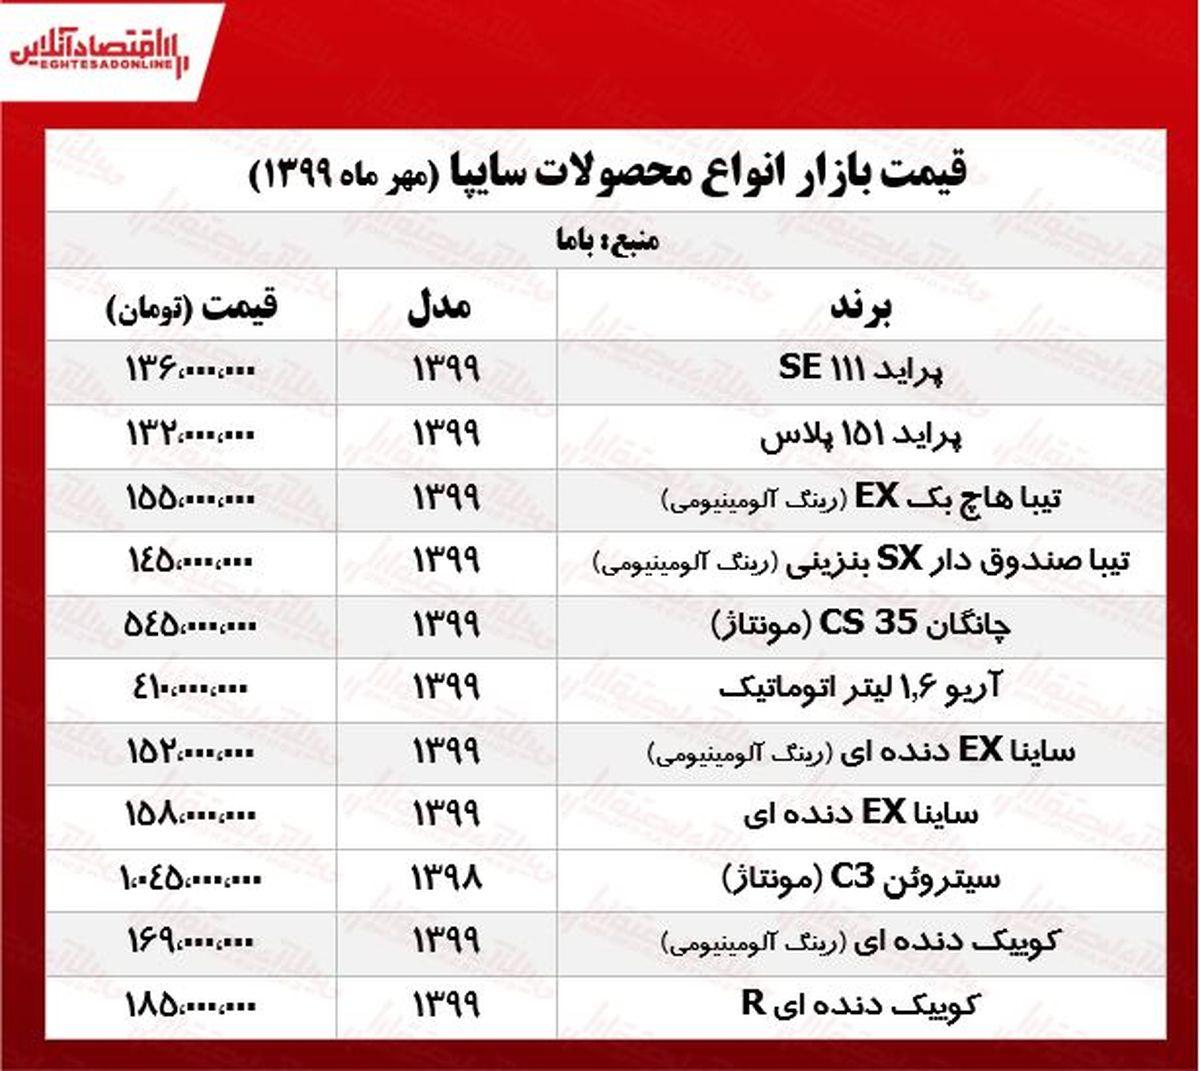 جدیدترین قیمت محصولات سایپا +جدول